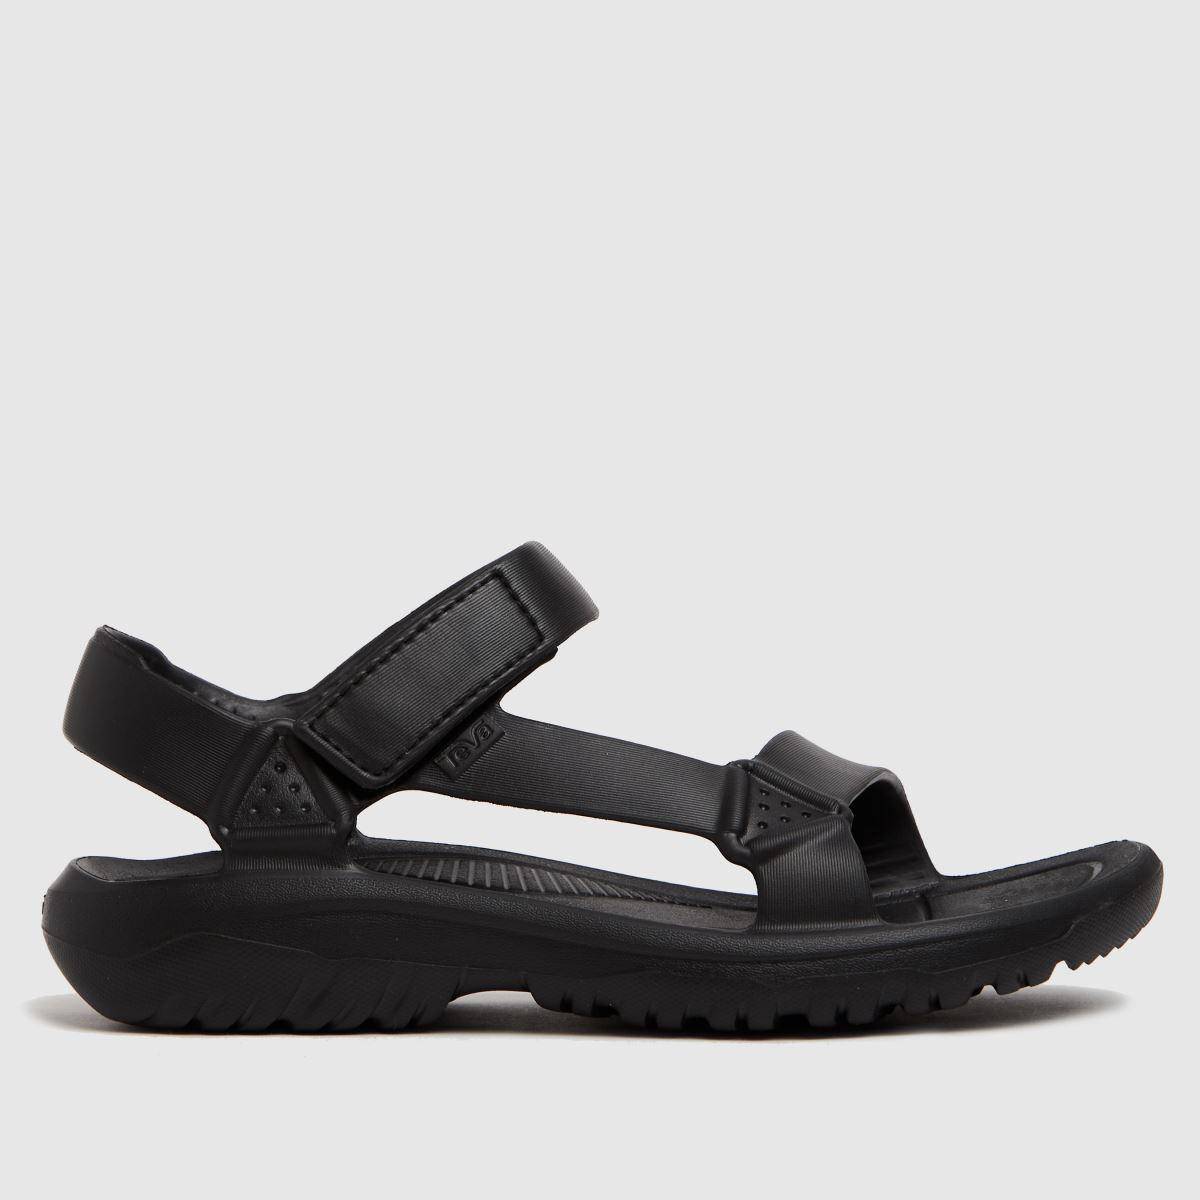 Teva Black Hurricane Drift Vegan Sandals